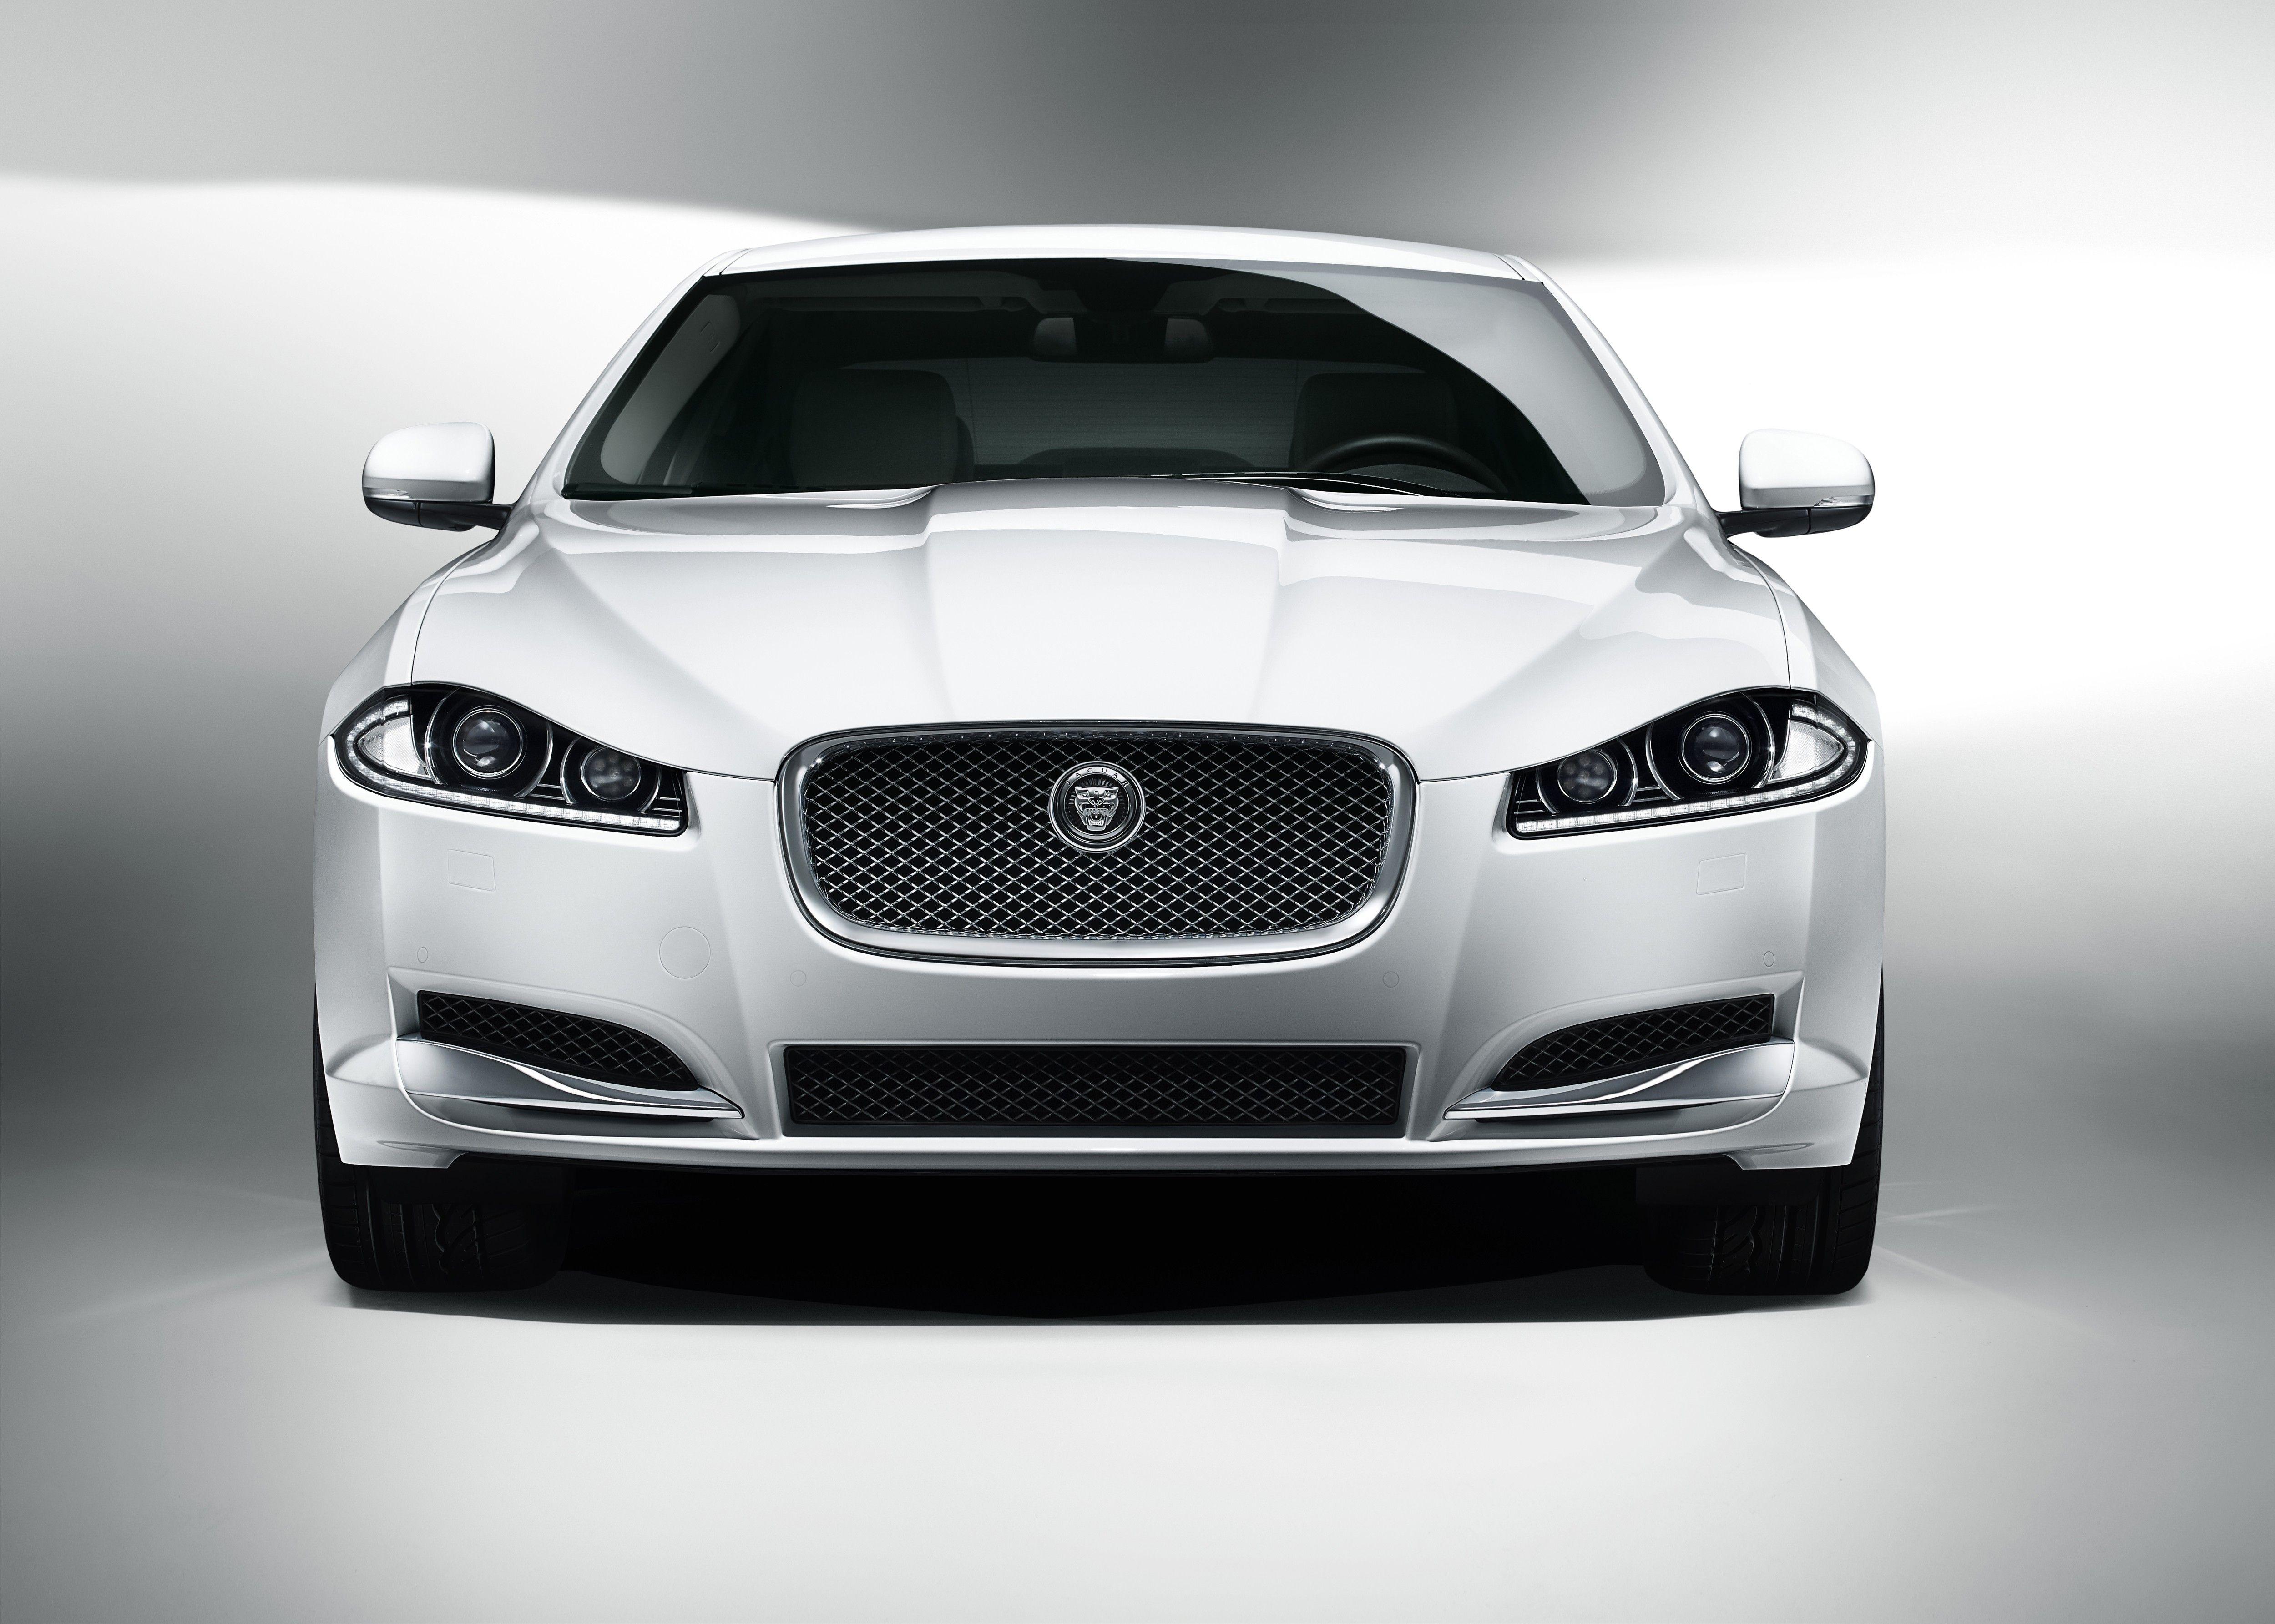 2015 Jaguar Xf front view Jaguar xf, Jaguar car, Jaguar